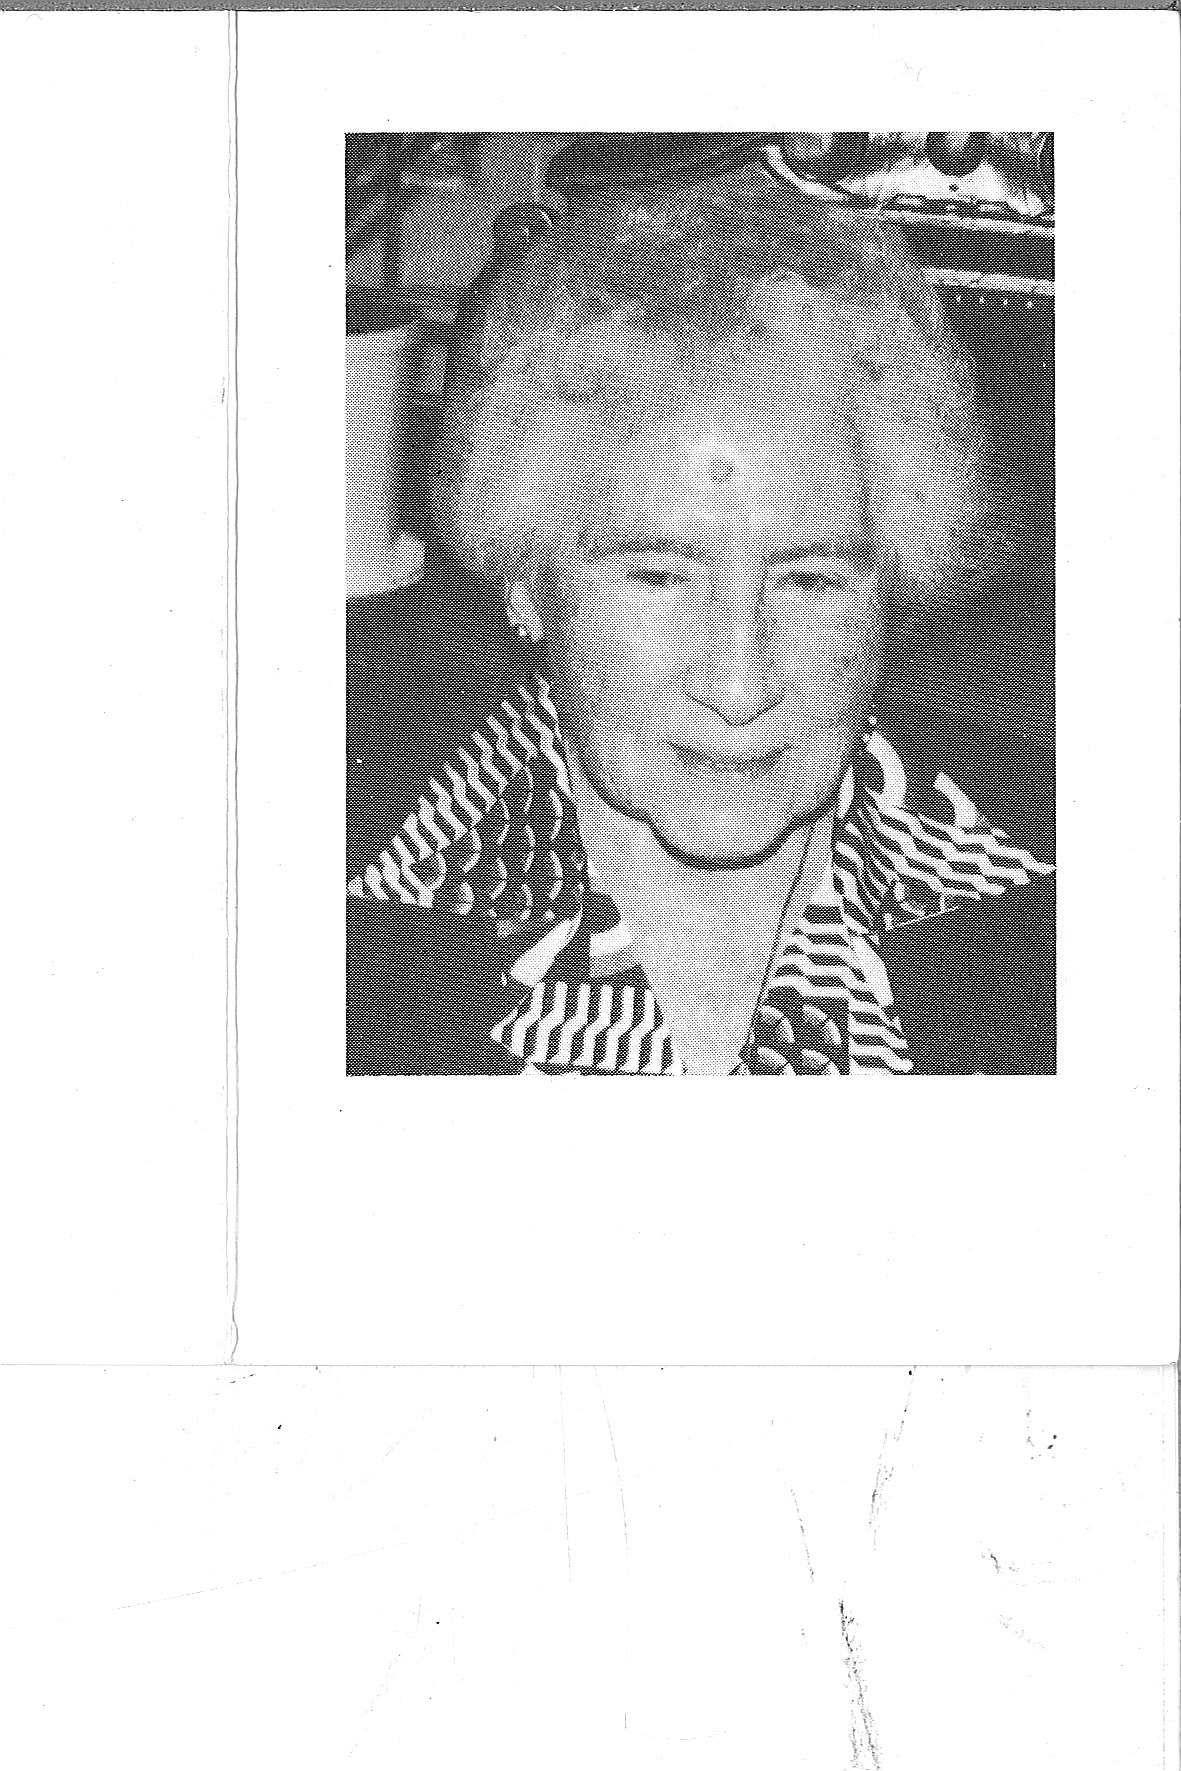 Marie-Louise(1990)20130826140625_00051.jpg